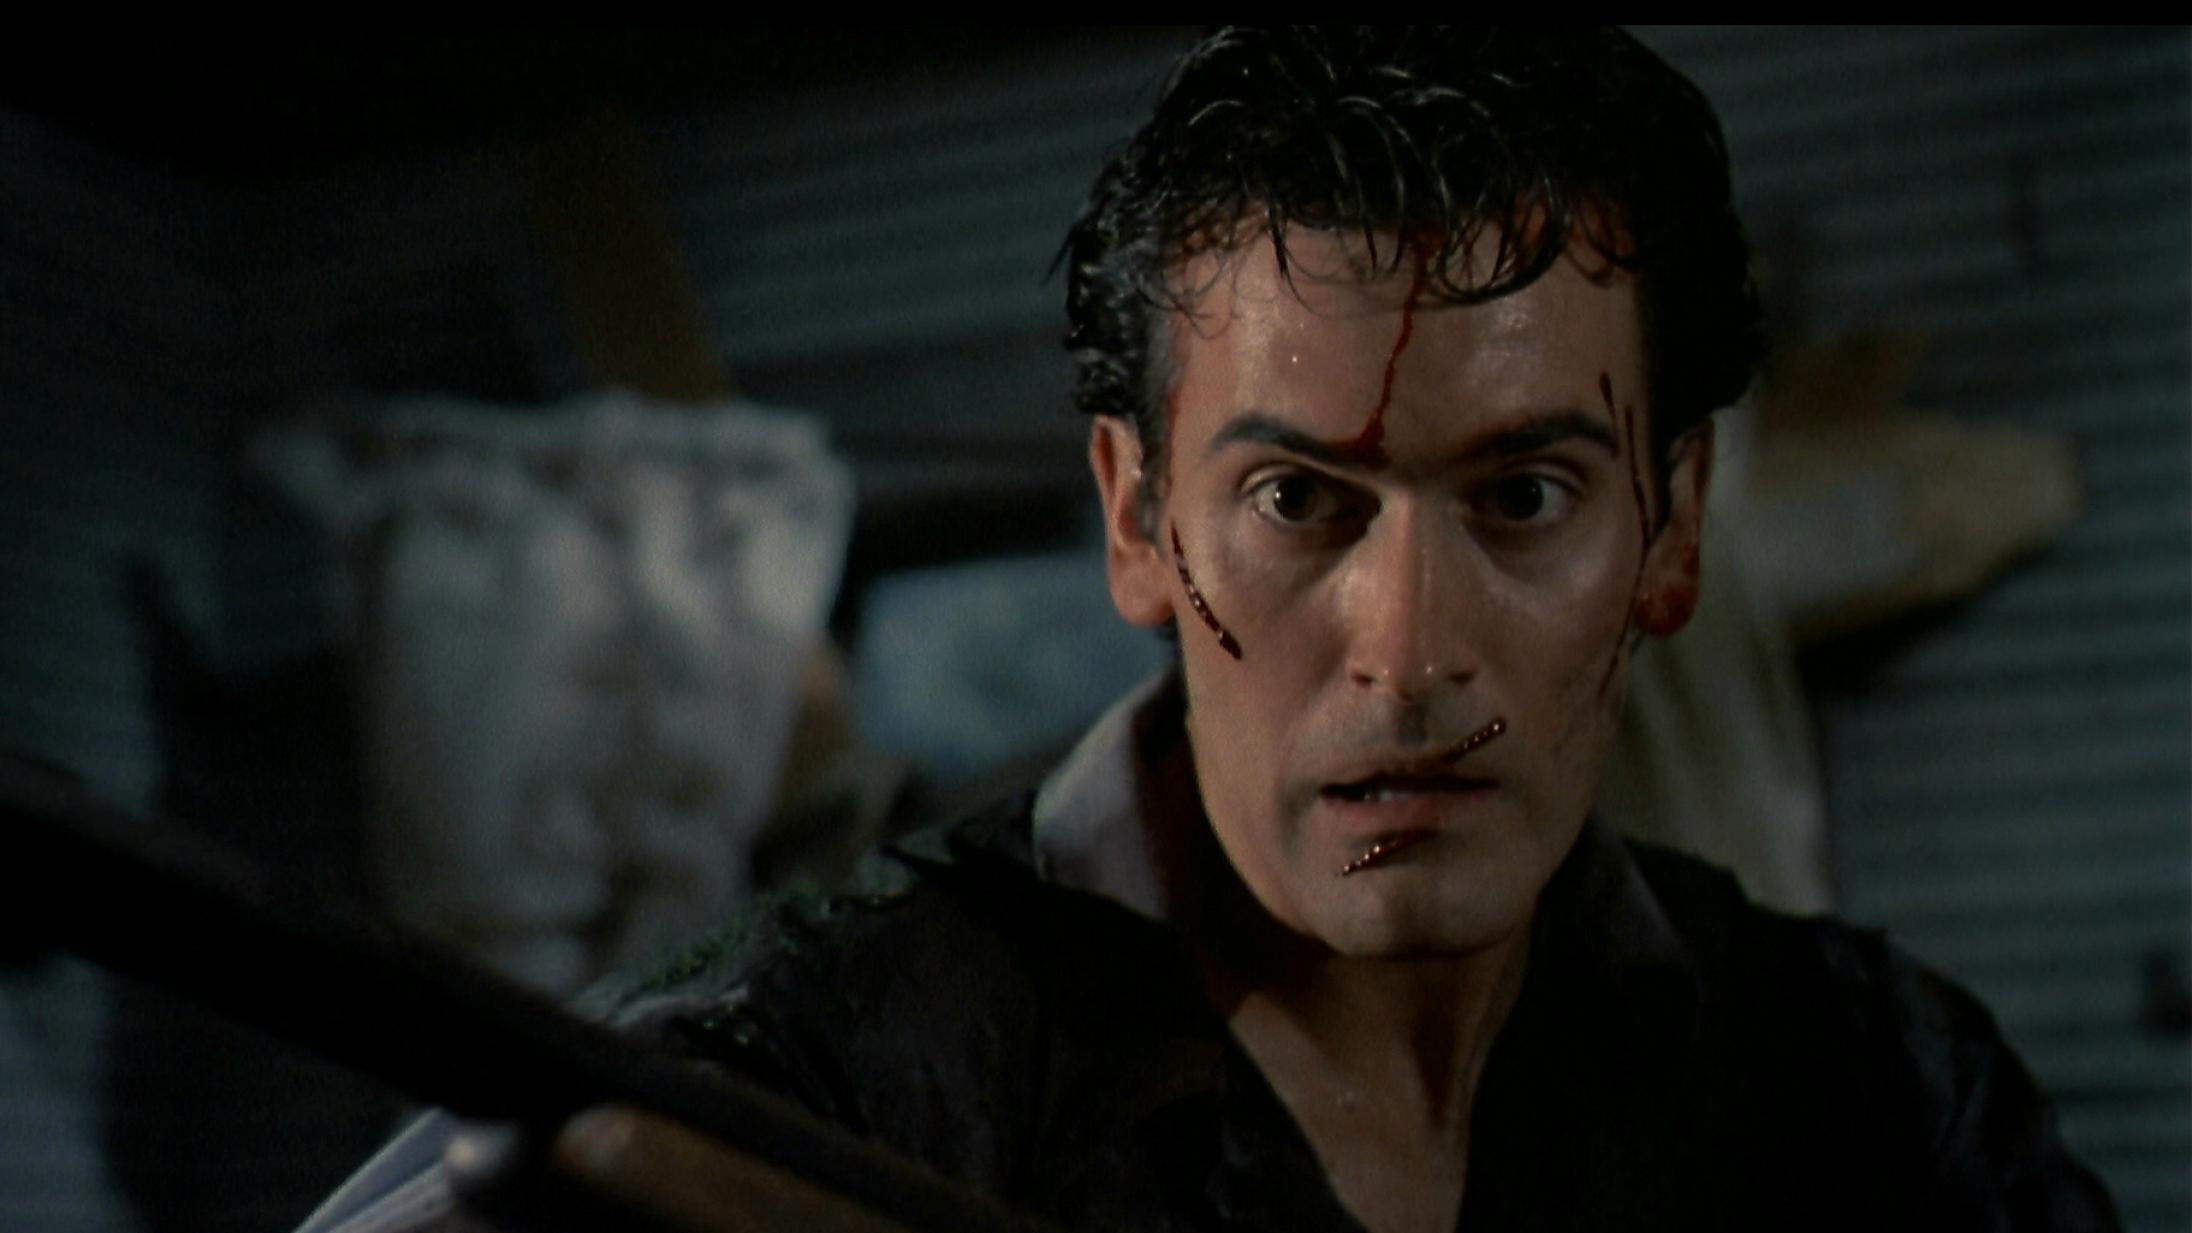 Filmhistoriens vildeste slapstick-splatterfilm er tilbage på det store lærred